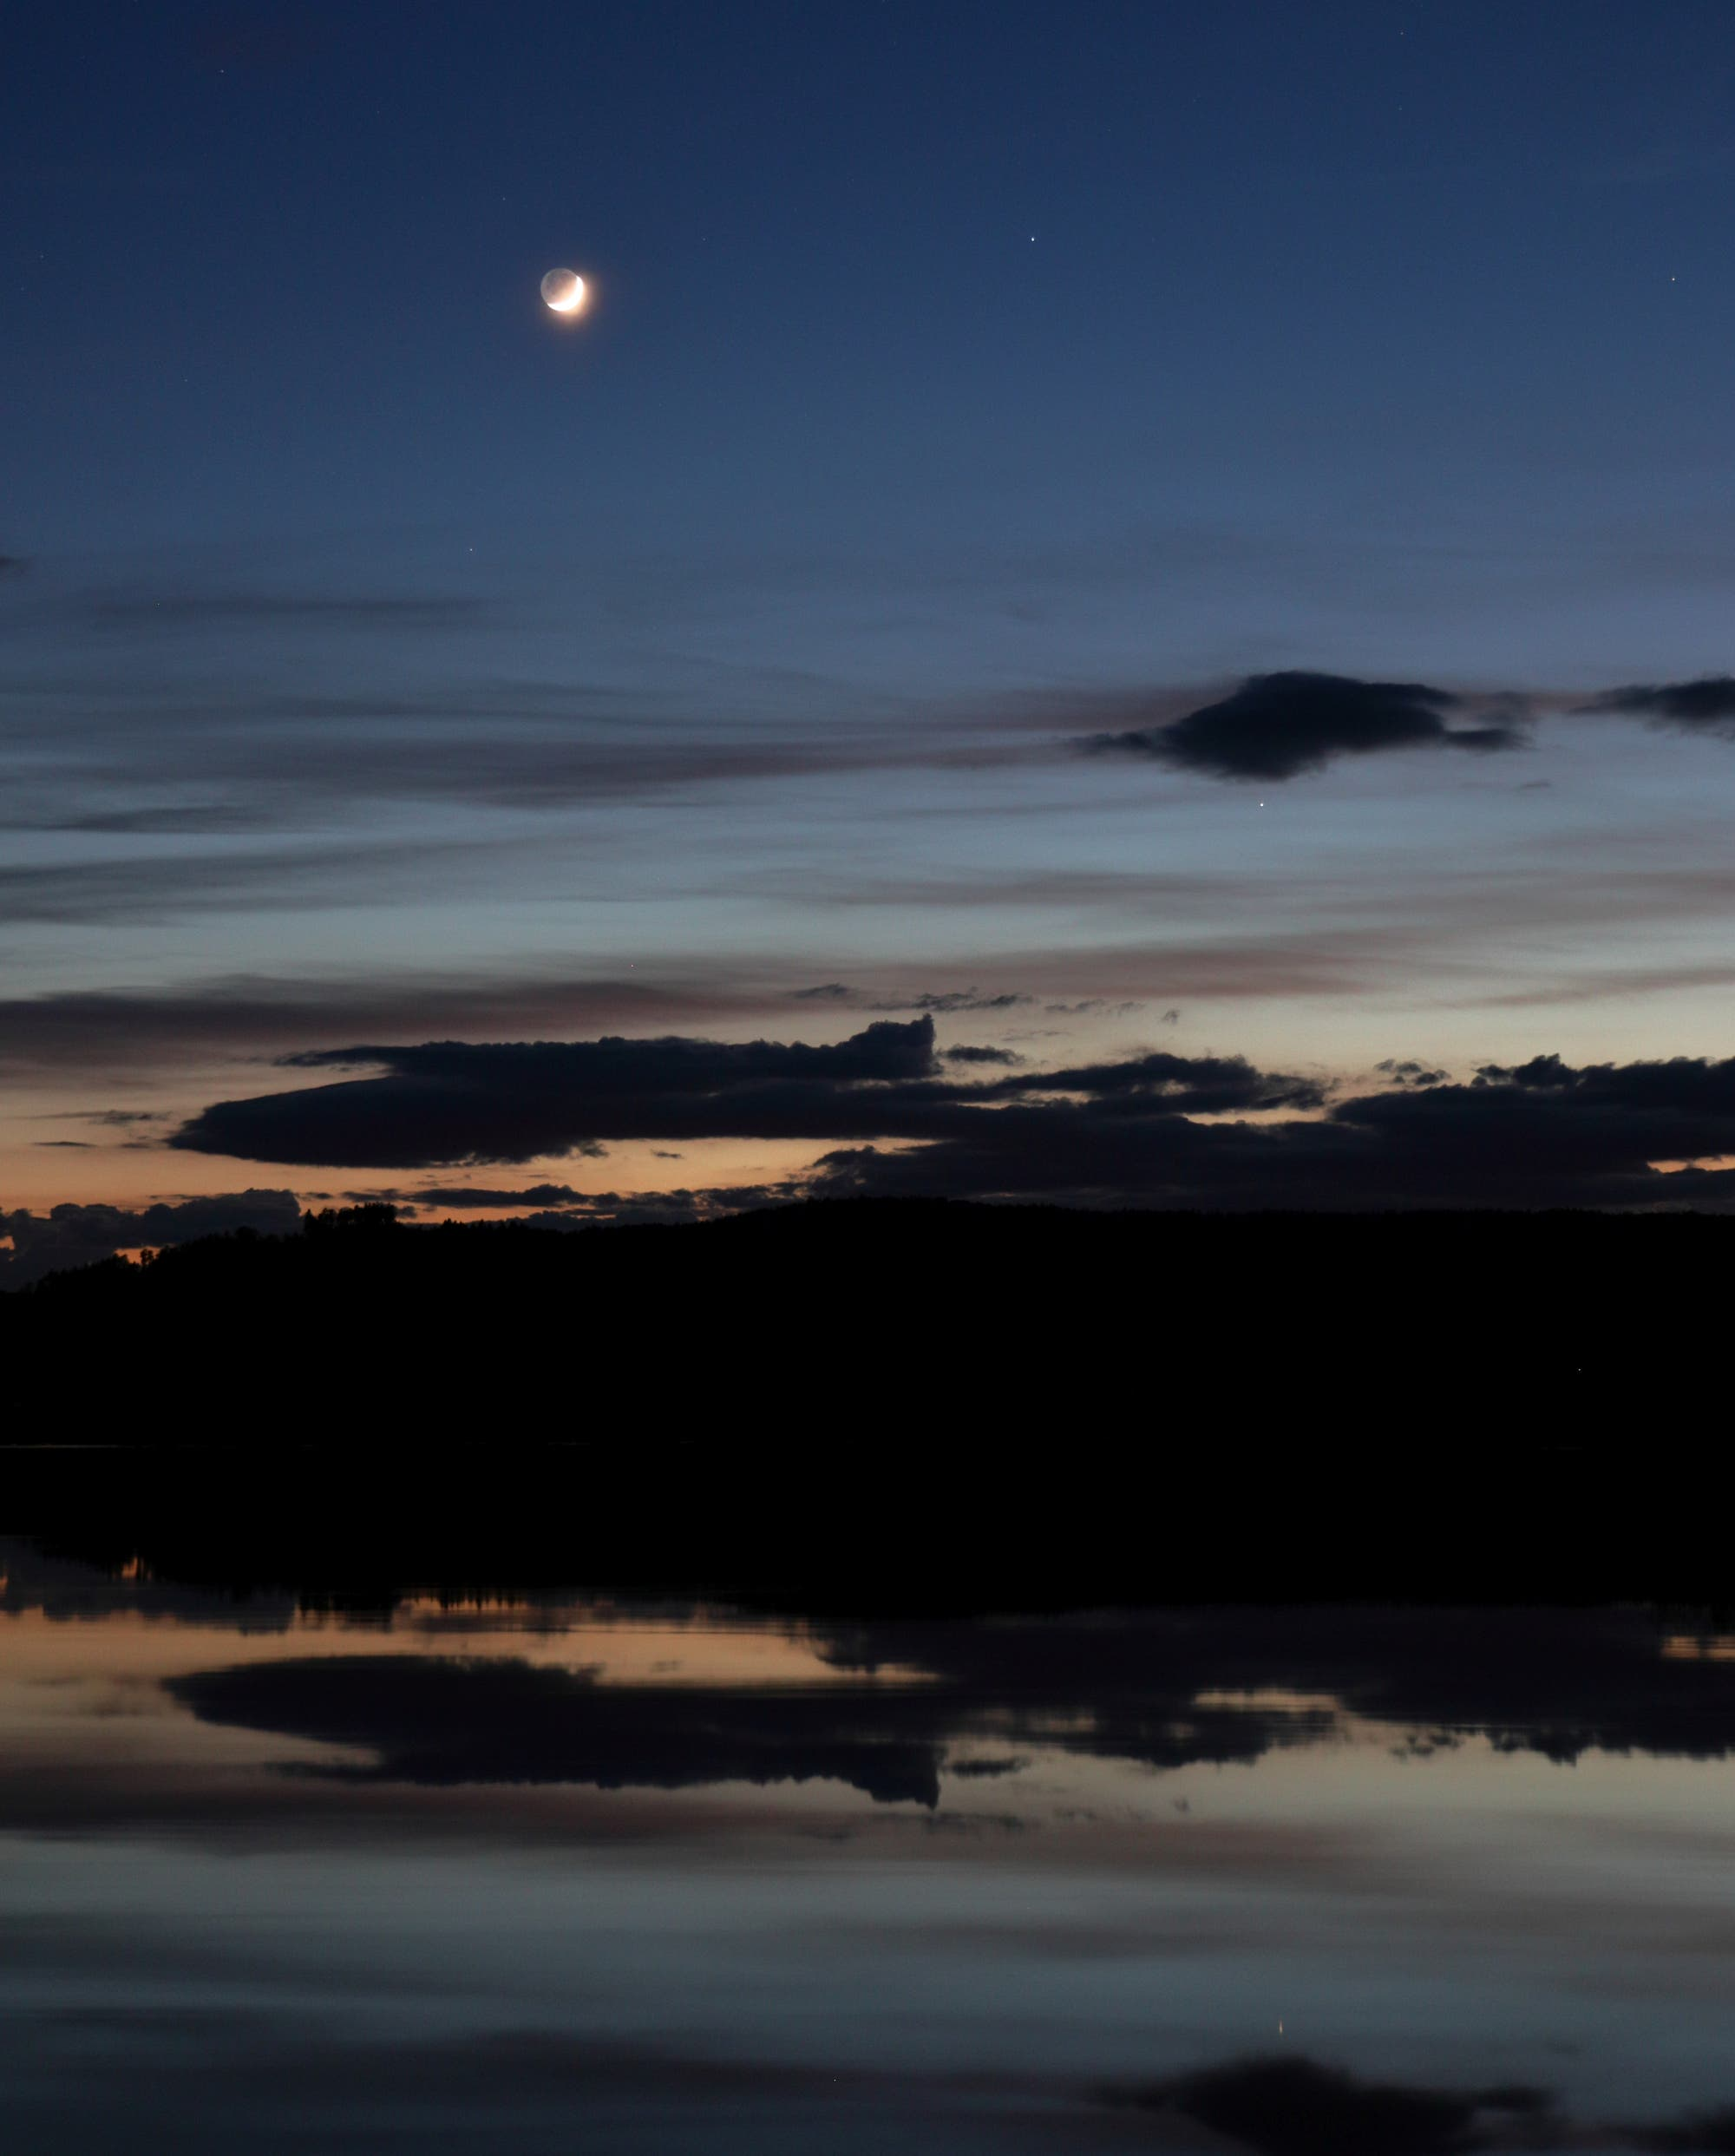 Mond mit Erdschein und Merkur mit Spiegelbild im Inn-Stausee